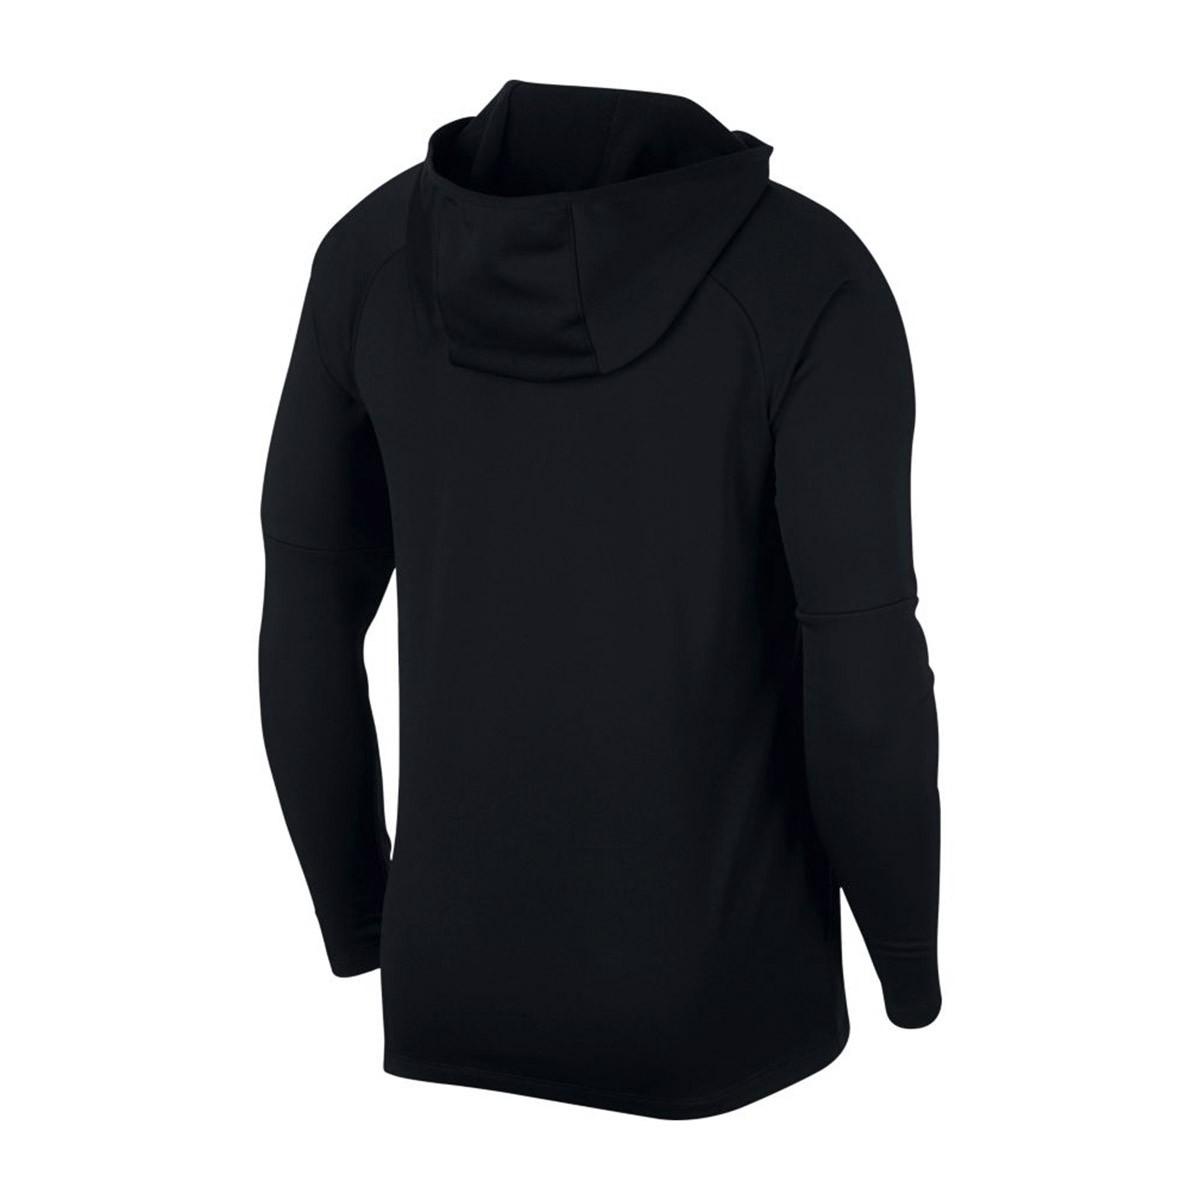 Sweatshirt Nike Dry Academy Hoodie